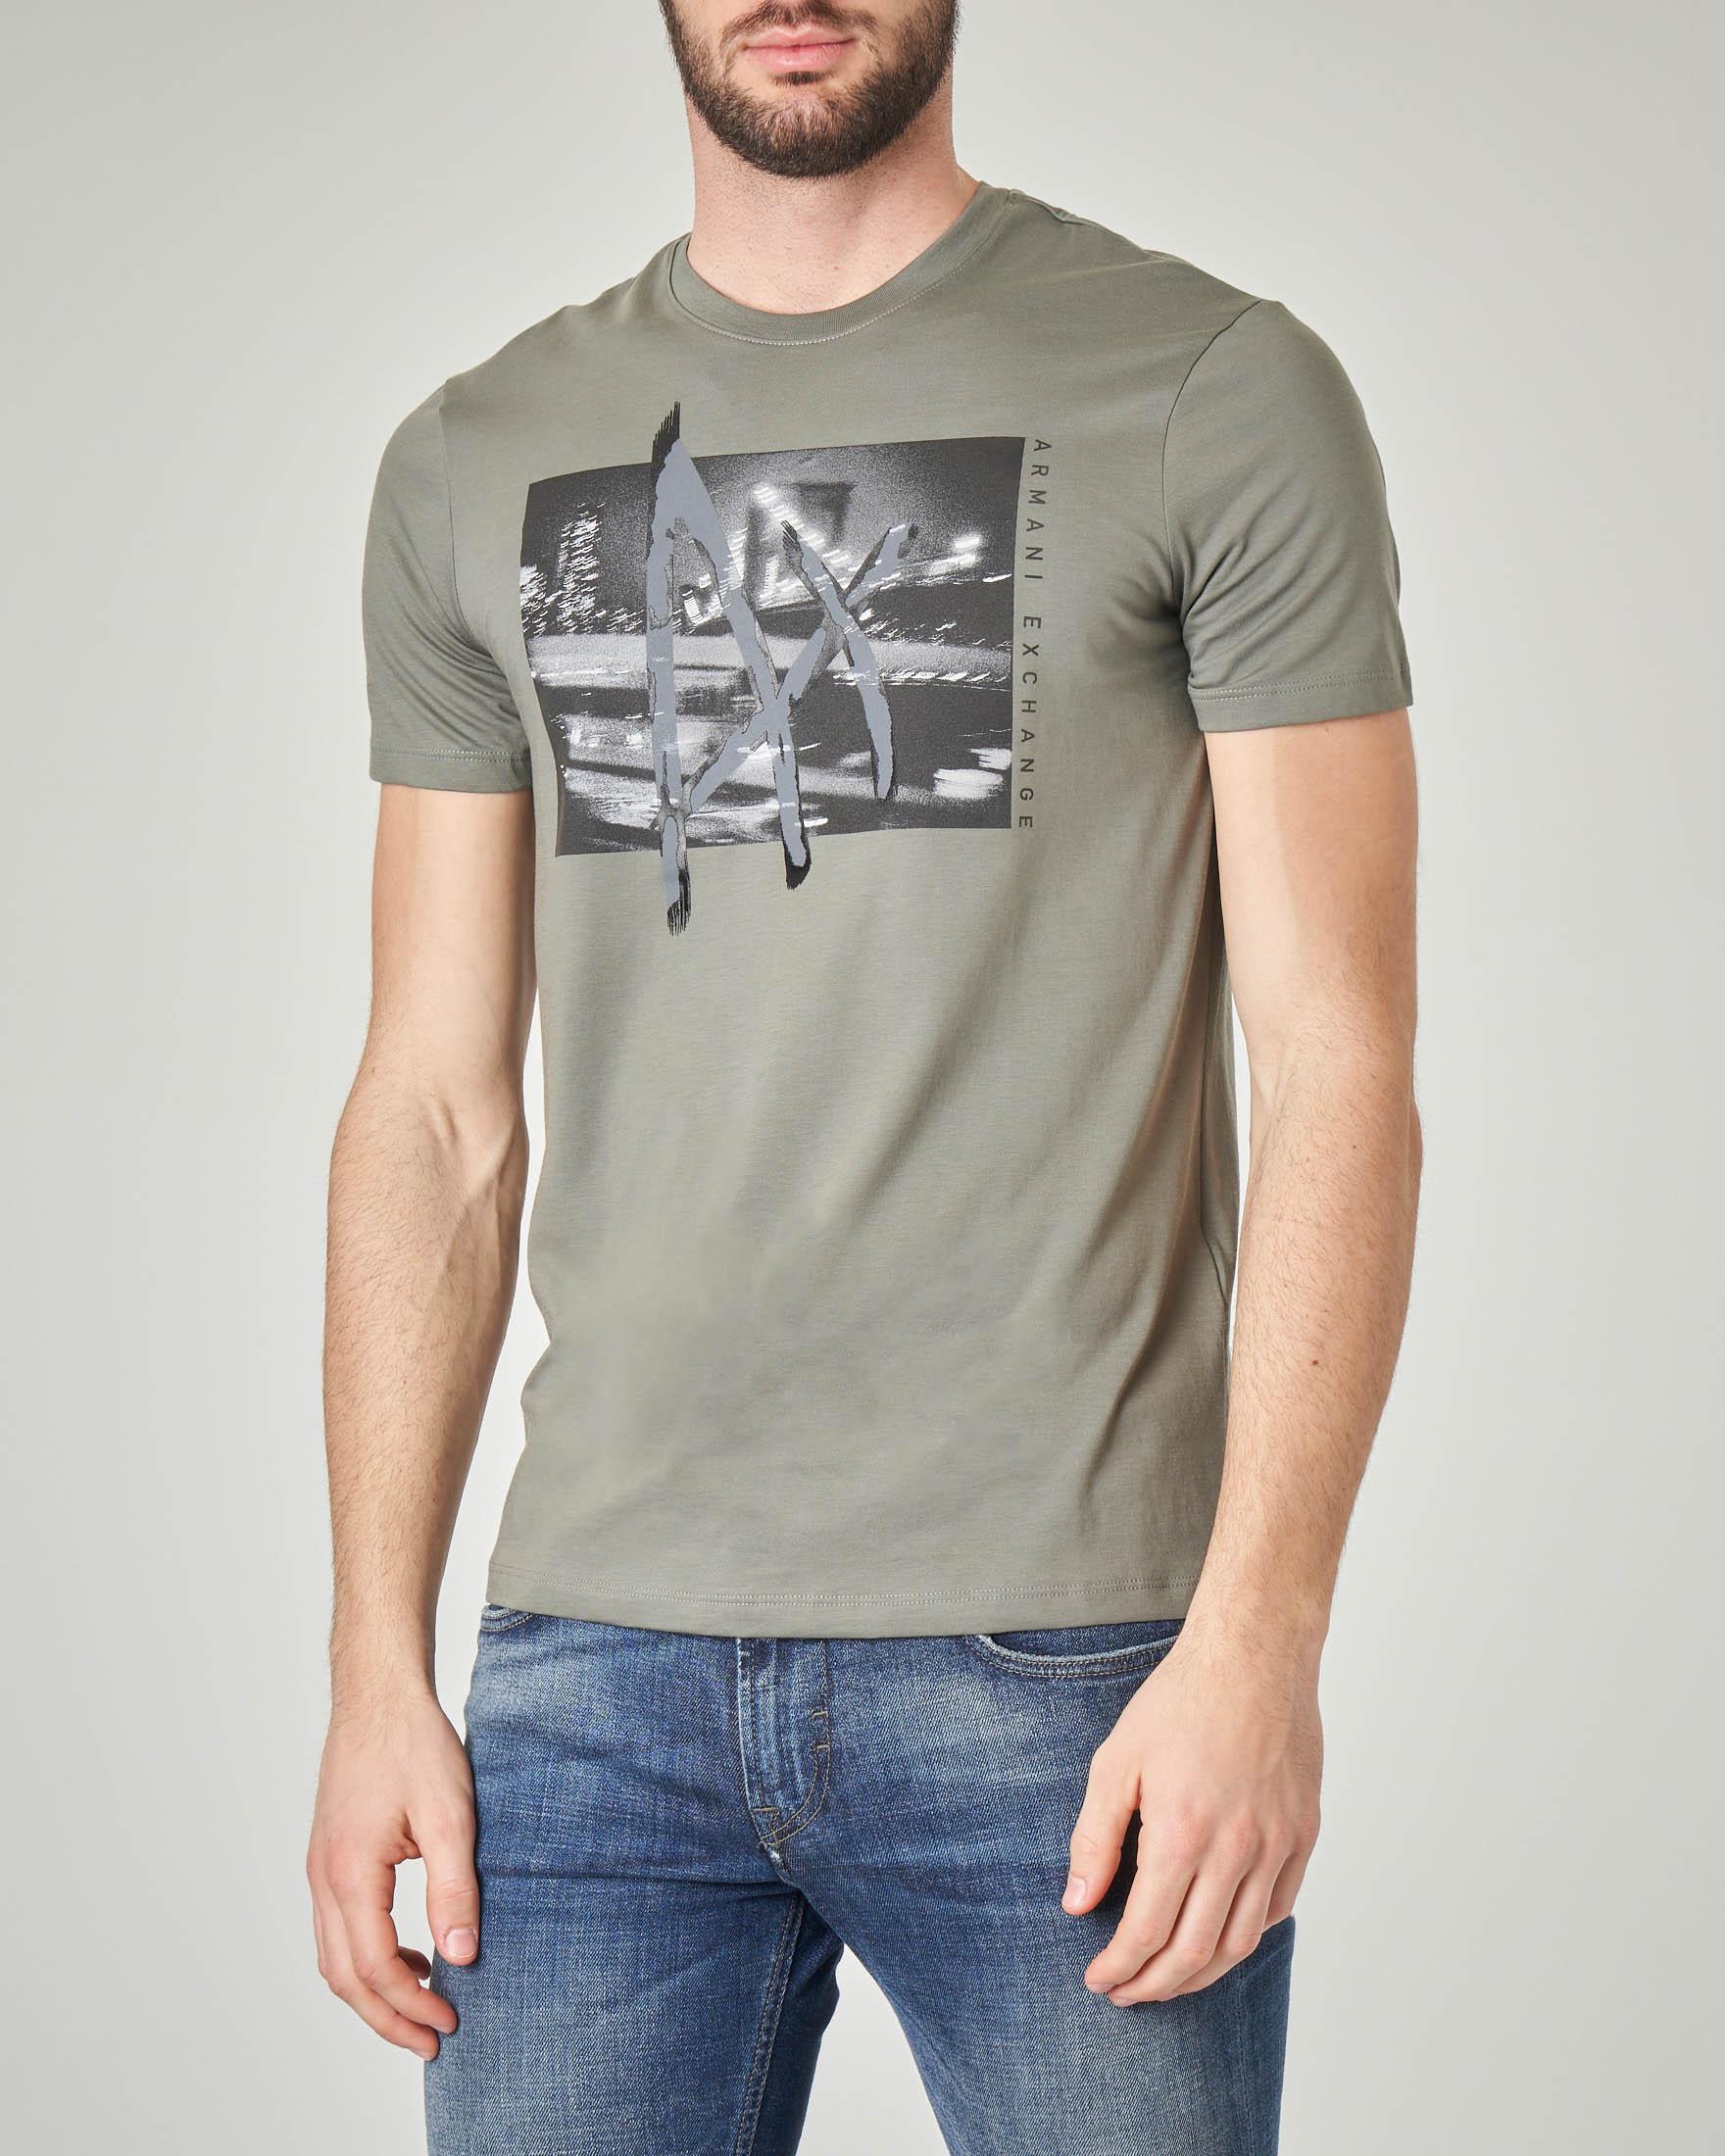 T-shirt verde militare con stampa fotografica e logo